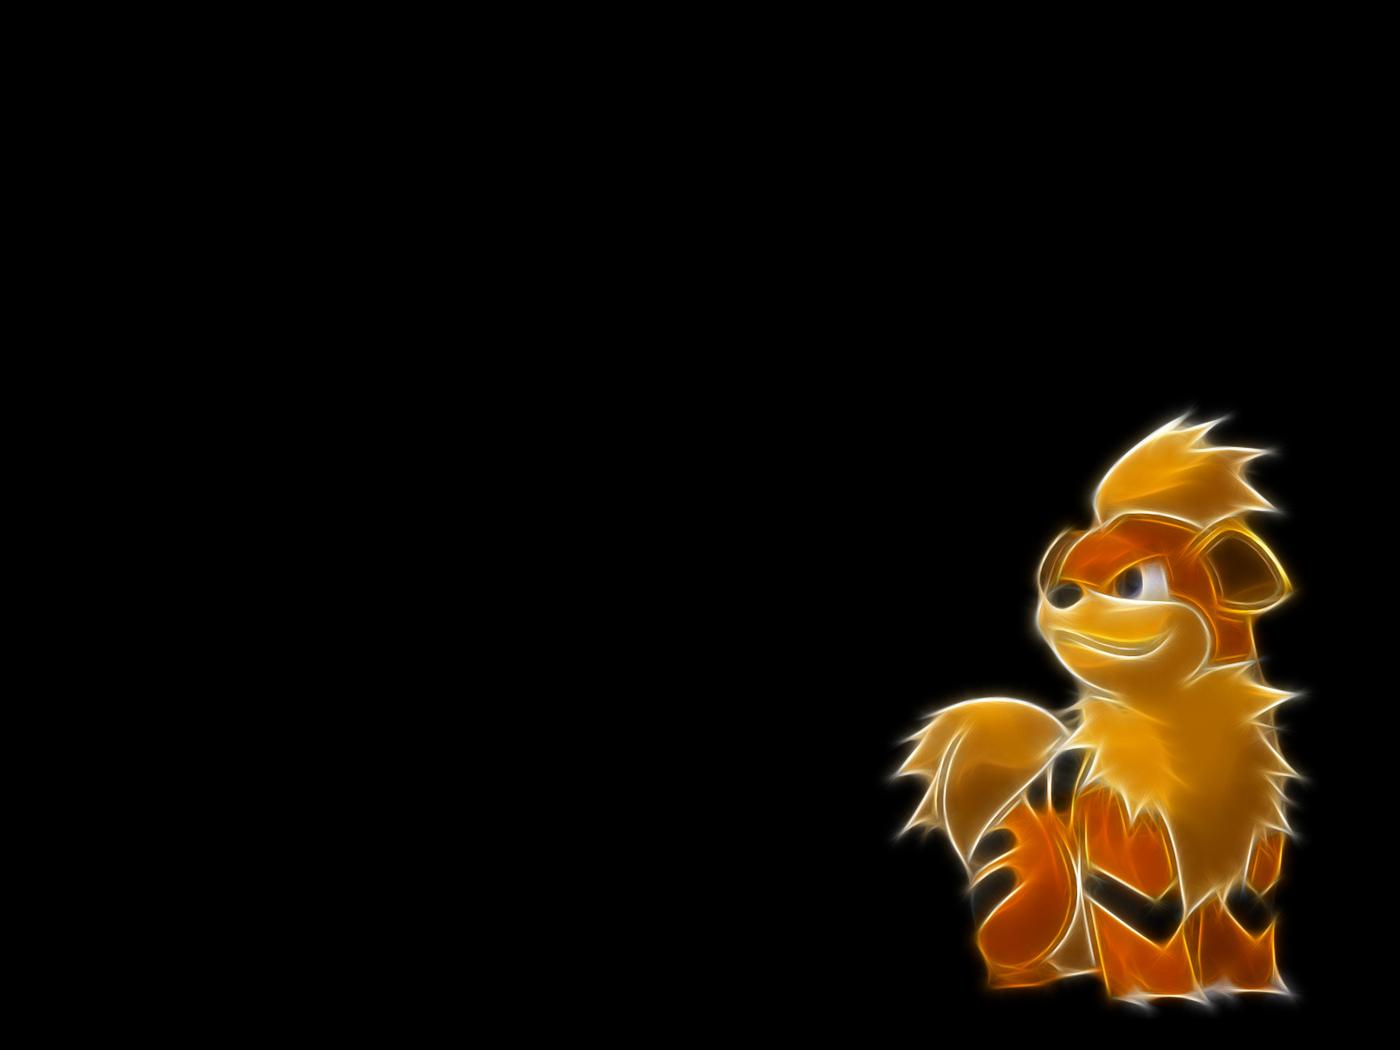 pokemon, growlithe